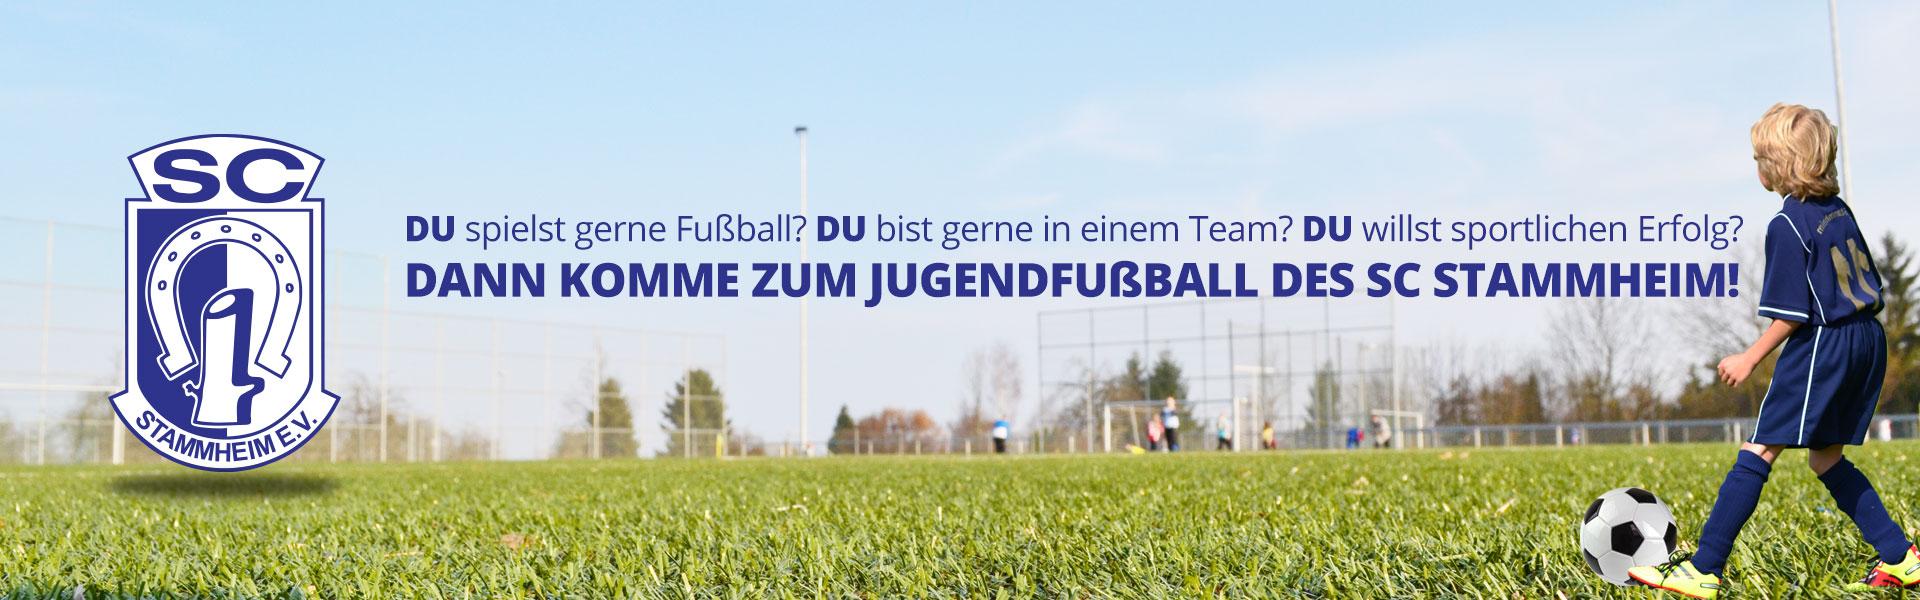 Jugendfussball SC Stammheim